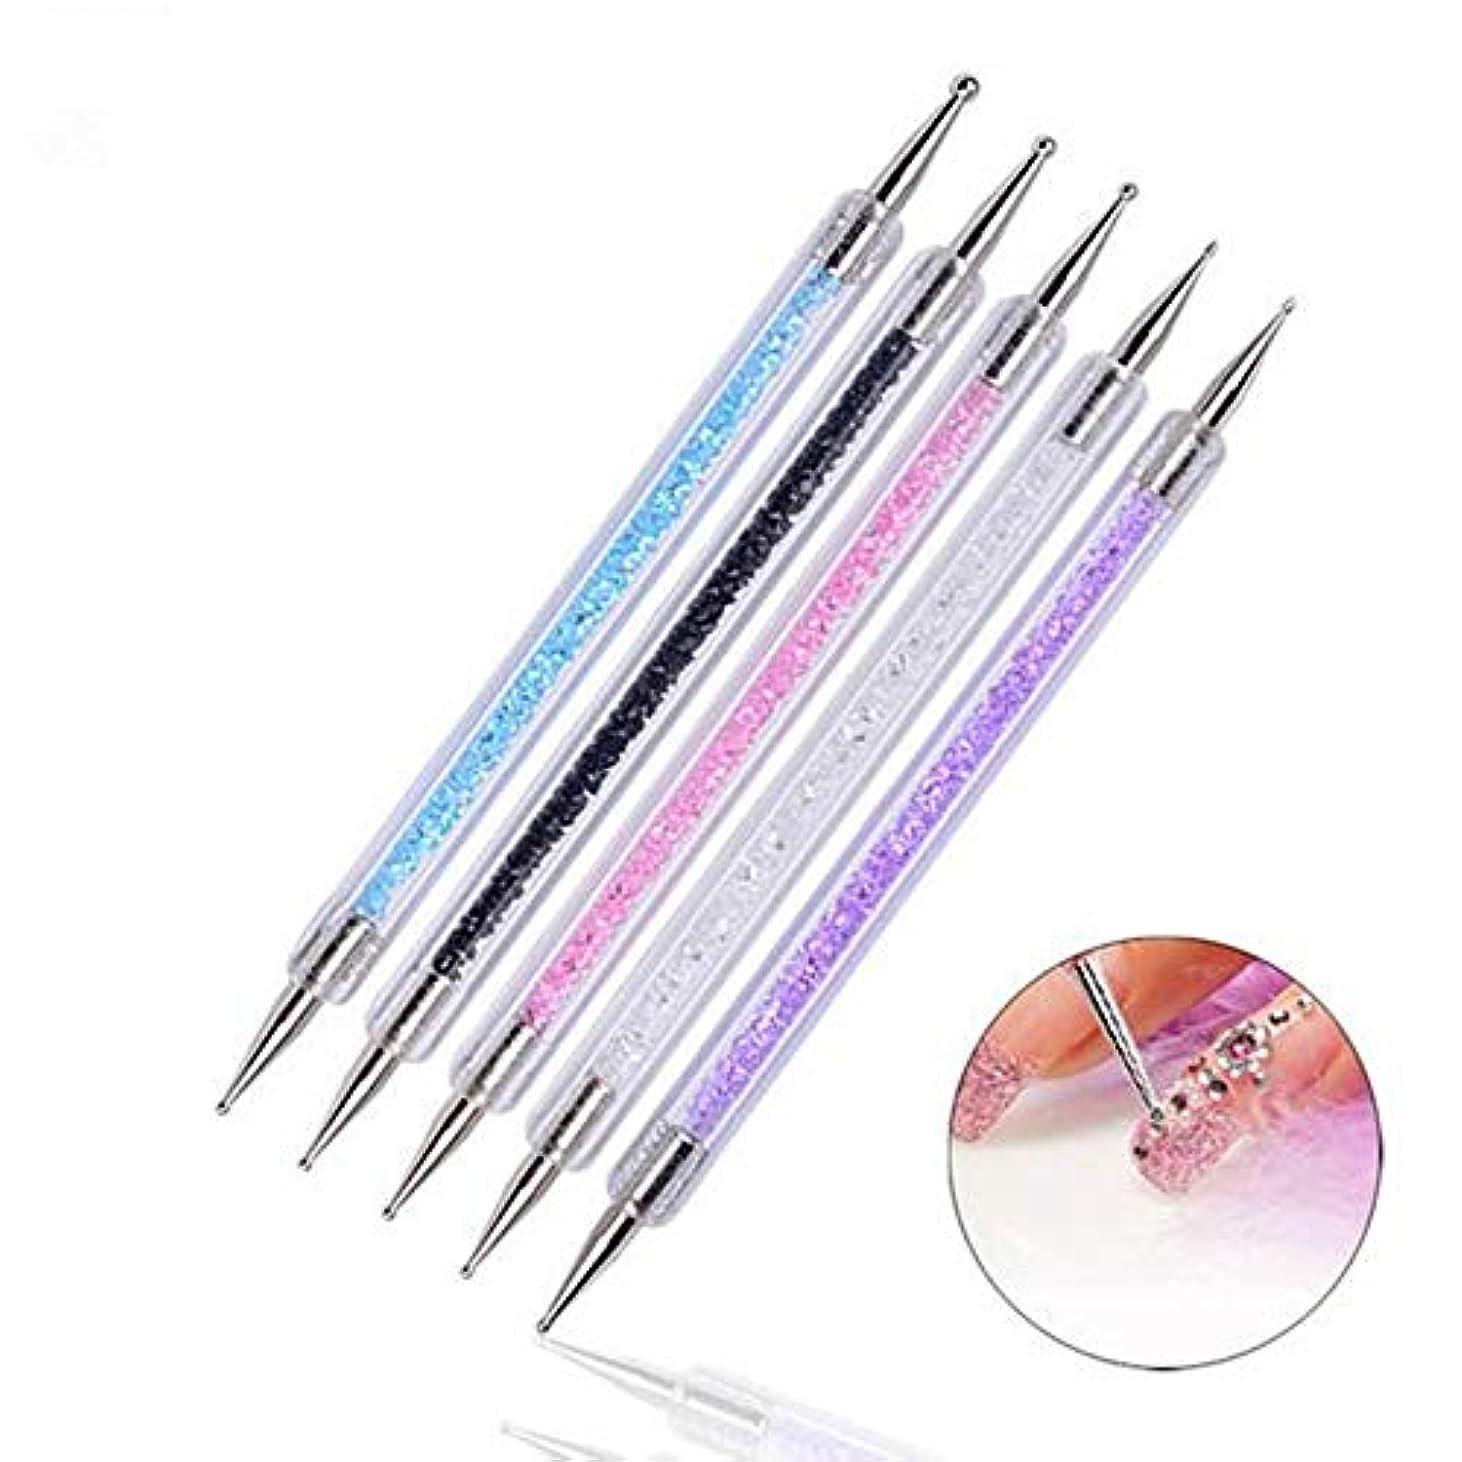 敬意を表する分数薄めるKingsie ネイルアートペン ドッティングペン 5本セット ラインストーン ドットペン ネイルデザイン マニキュアツール